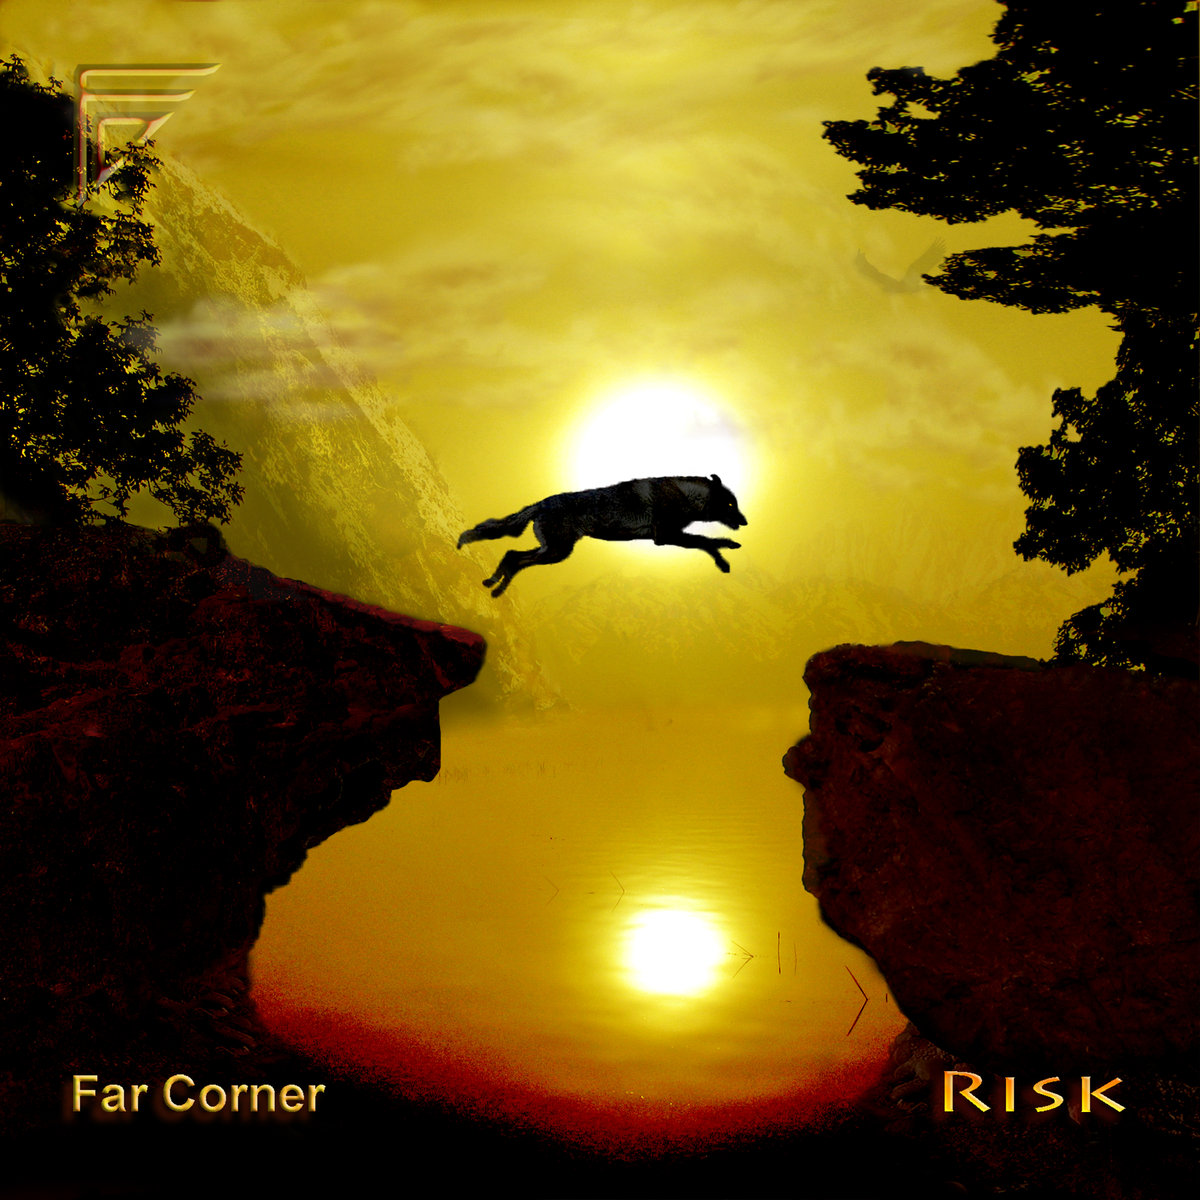 FAR CORNER, Risk